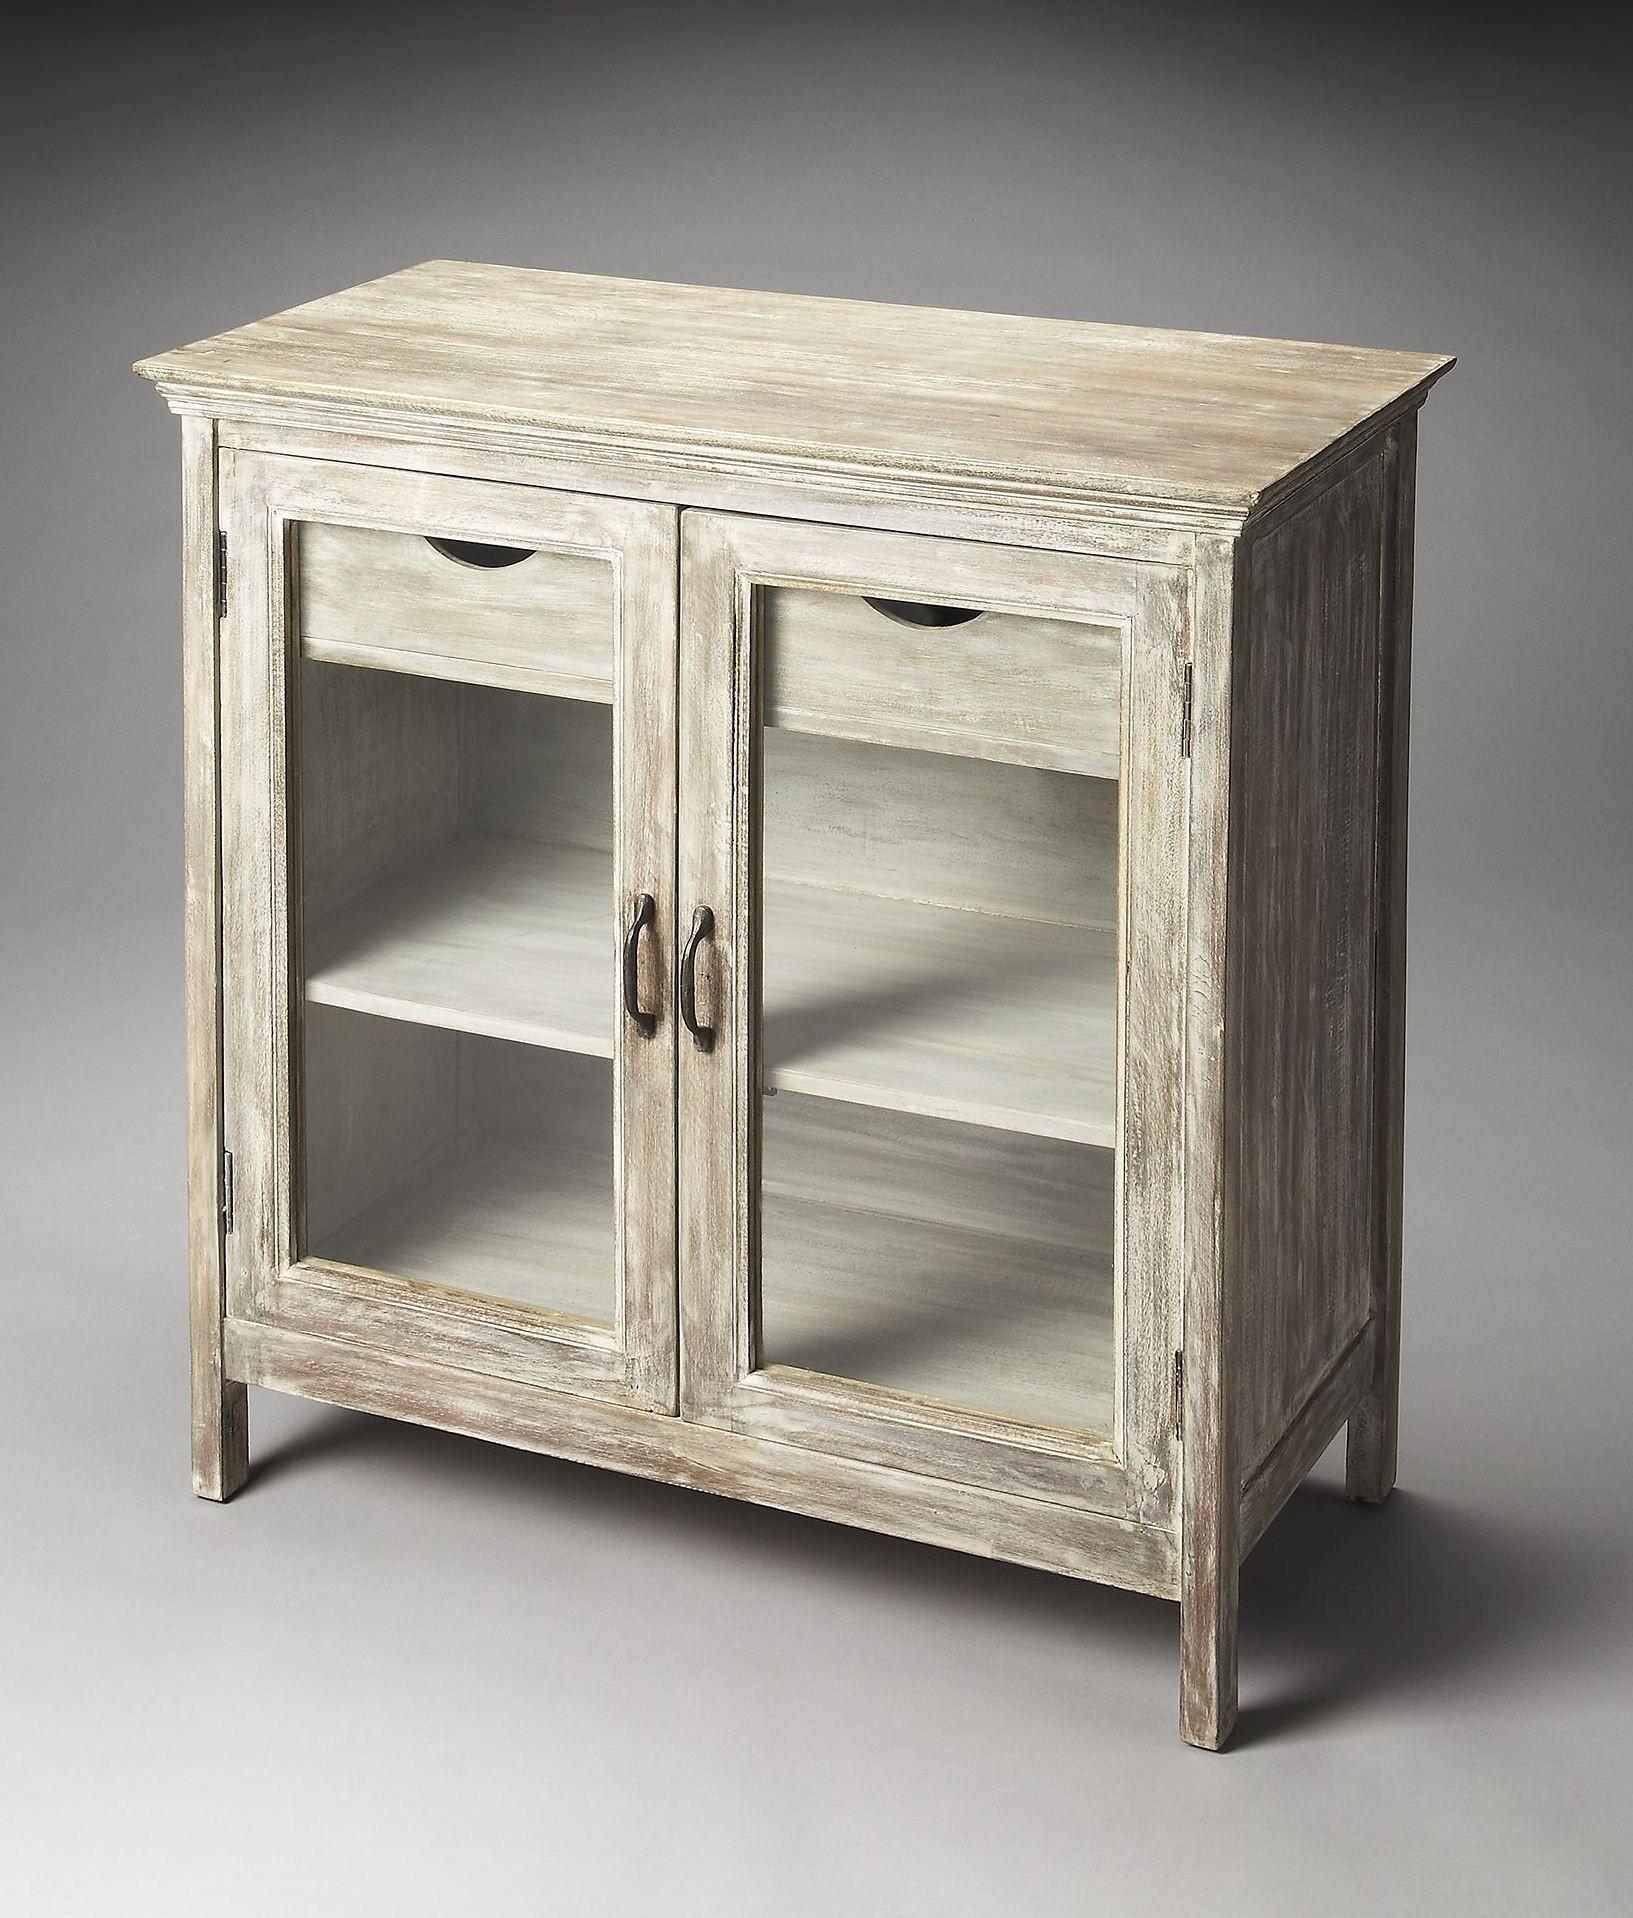 ronan loft sideboard from butler 3362140 coleman furniture. Black Bedroom Furniture Sets. Home Design Ideas